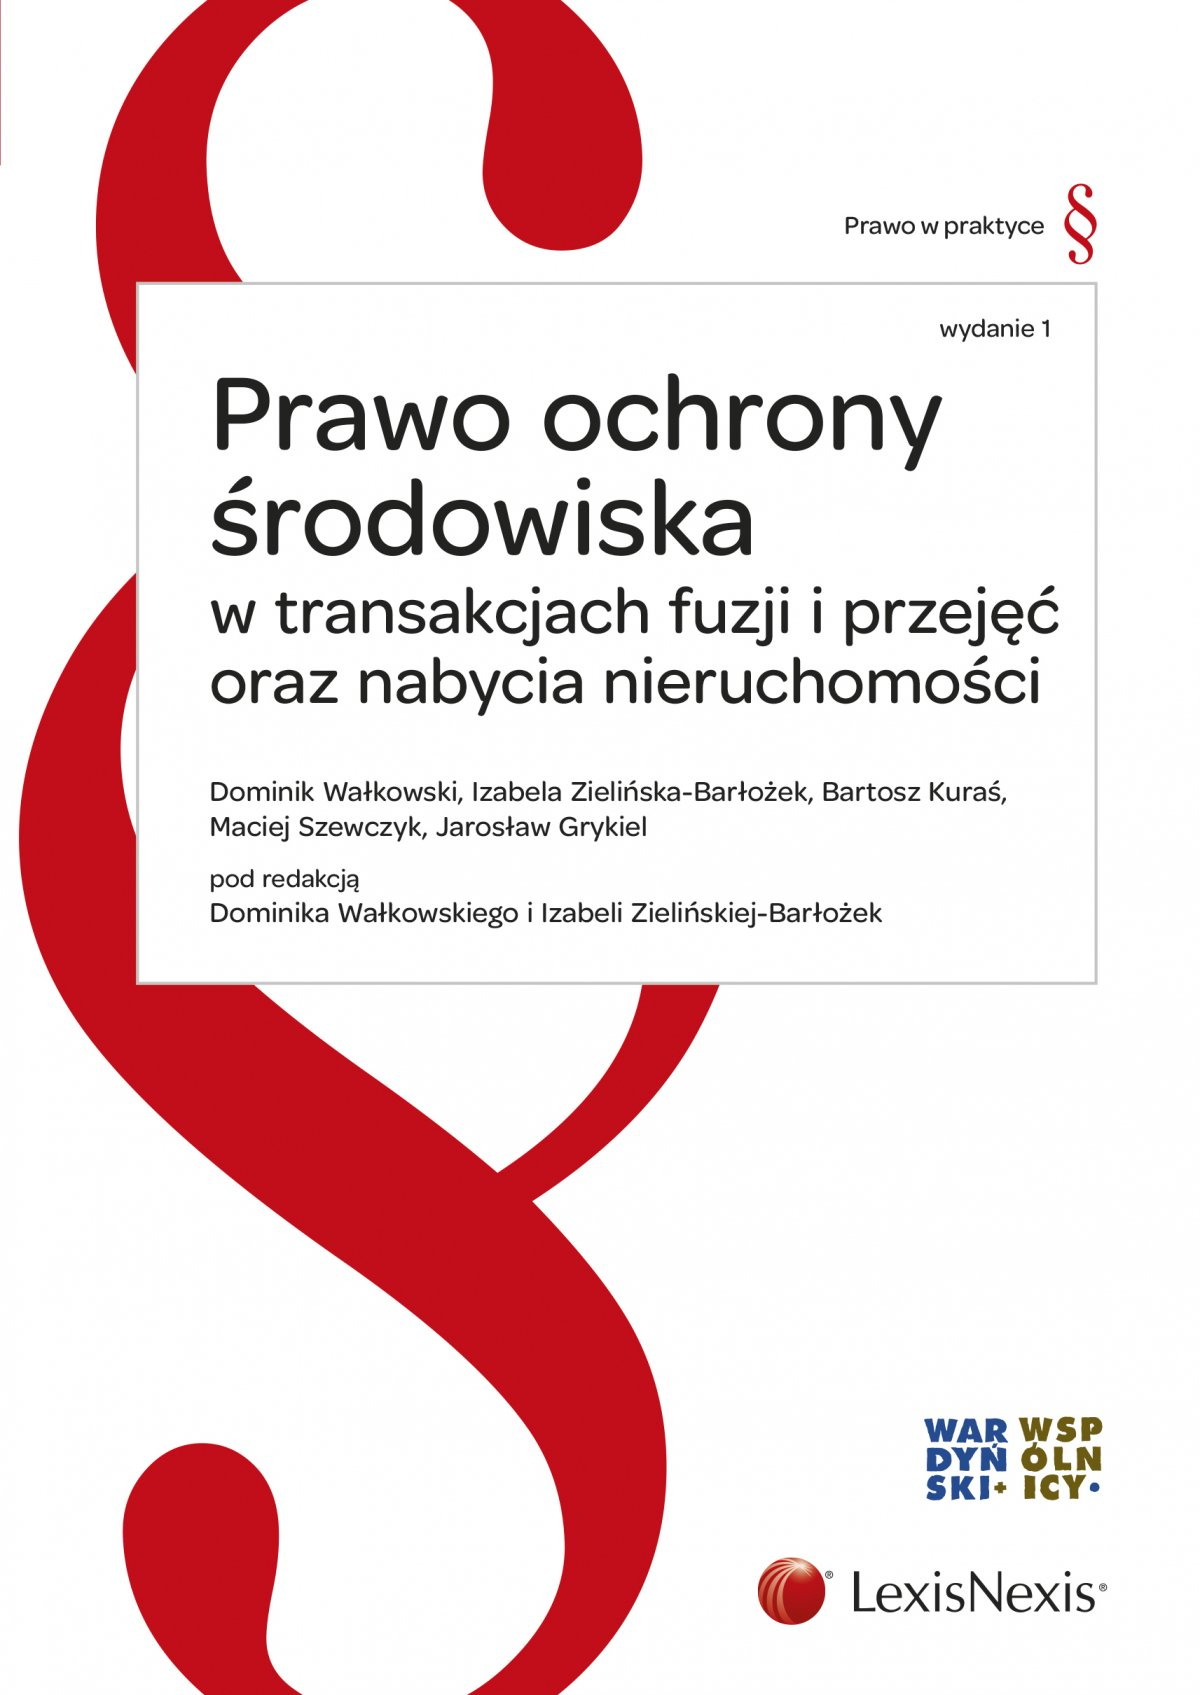 Prawo ochrony środowiska w transakcjach fuzji i przejęć  oraz nabycia nieruchomości. Wydanie 1 - Ebook (Książka EPUB) do pobrania w formacie EPUB